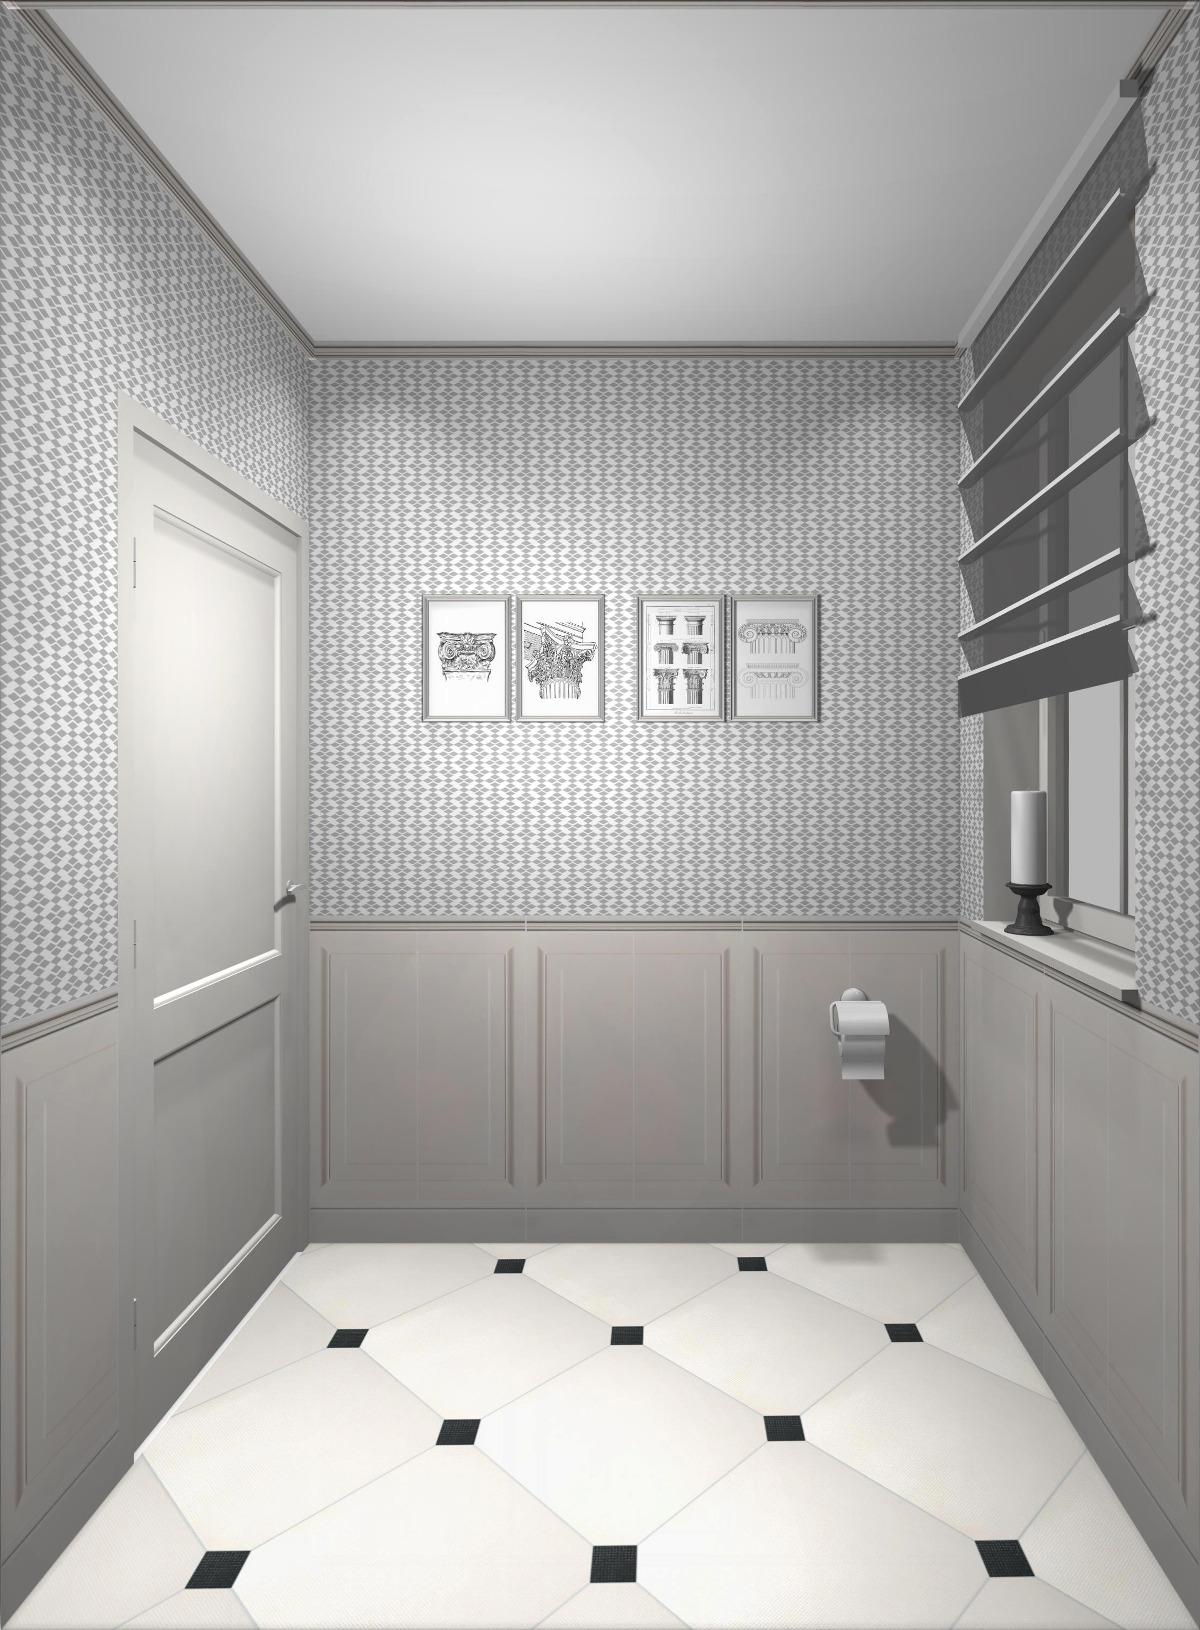 projekt łazienki, wyposażenie łazienki, aranżacja łazienki, stylowa toaleta